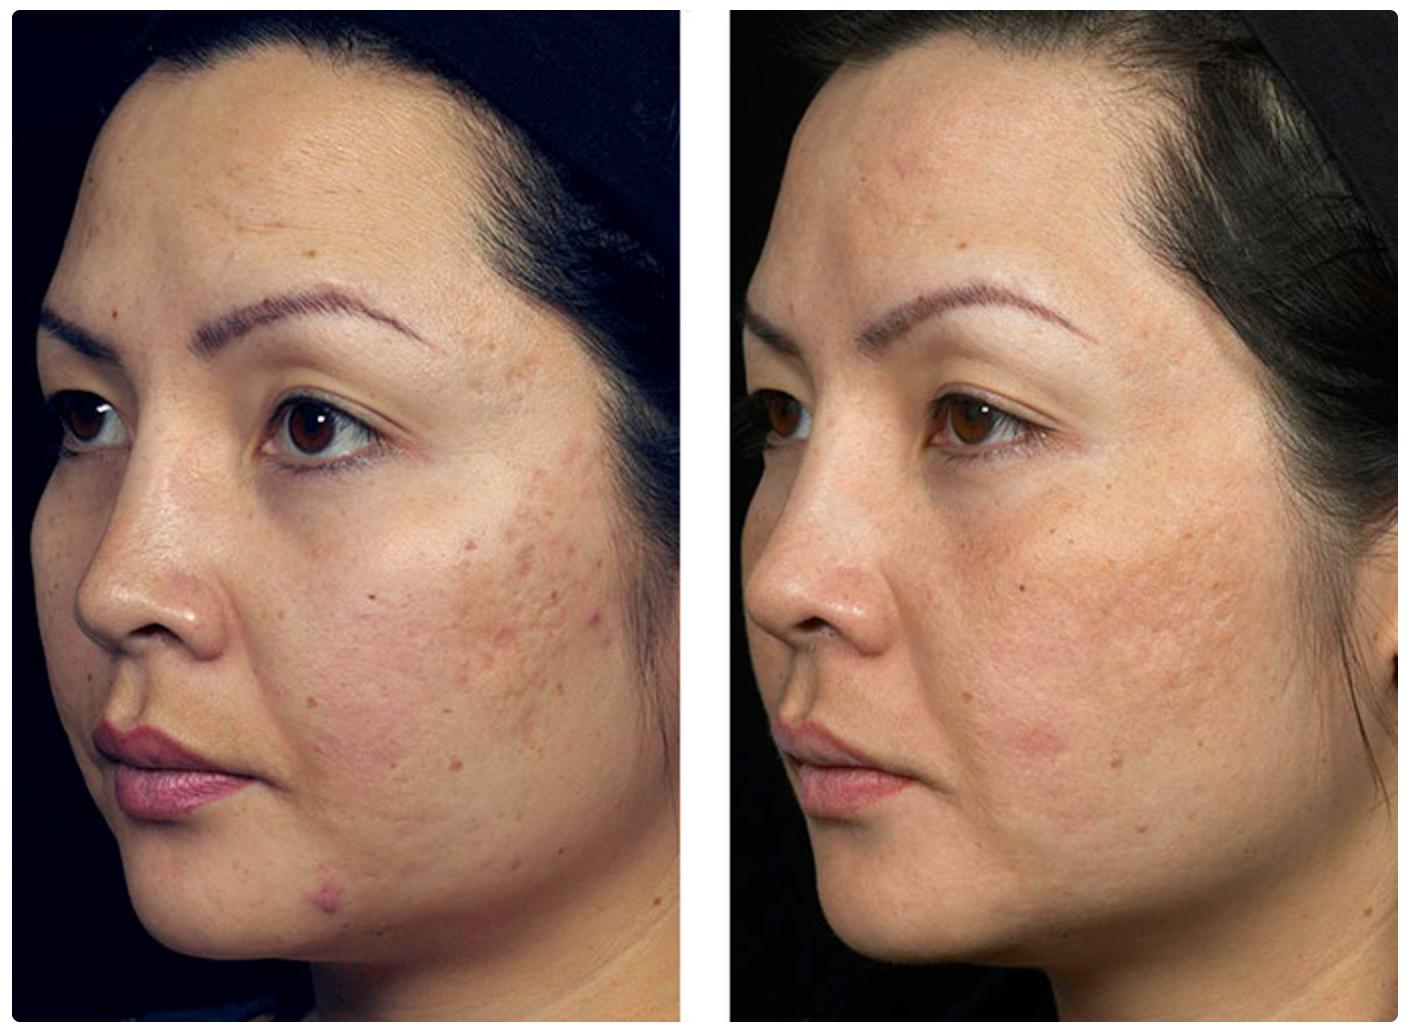 мезотерапия лица фото до и после отзывы черновая отделка позволит